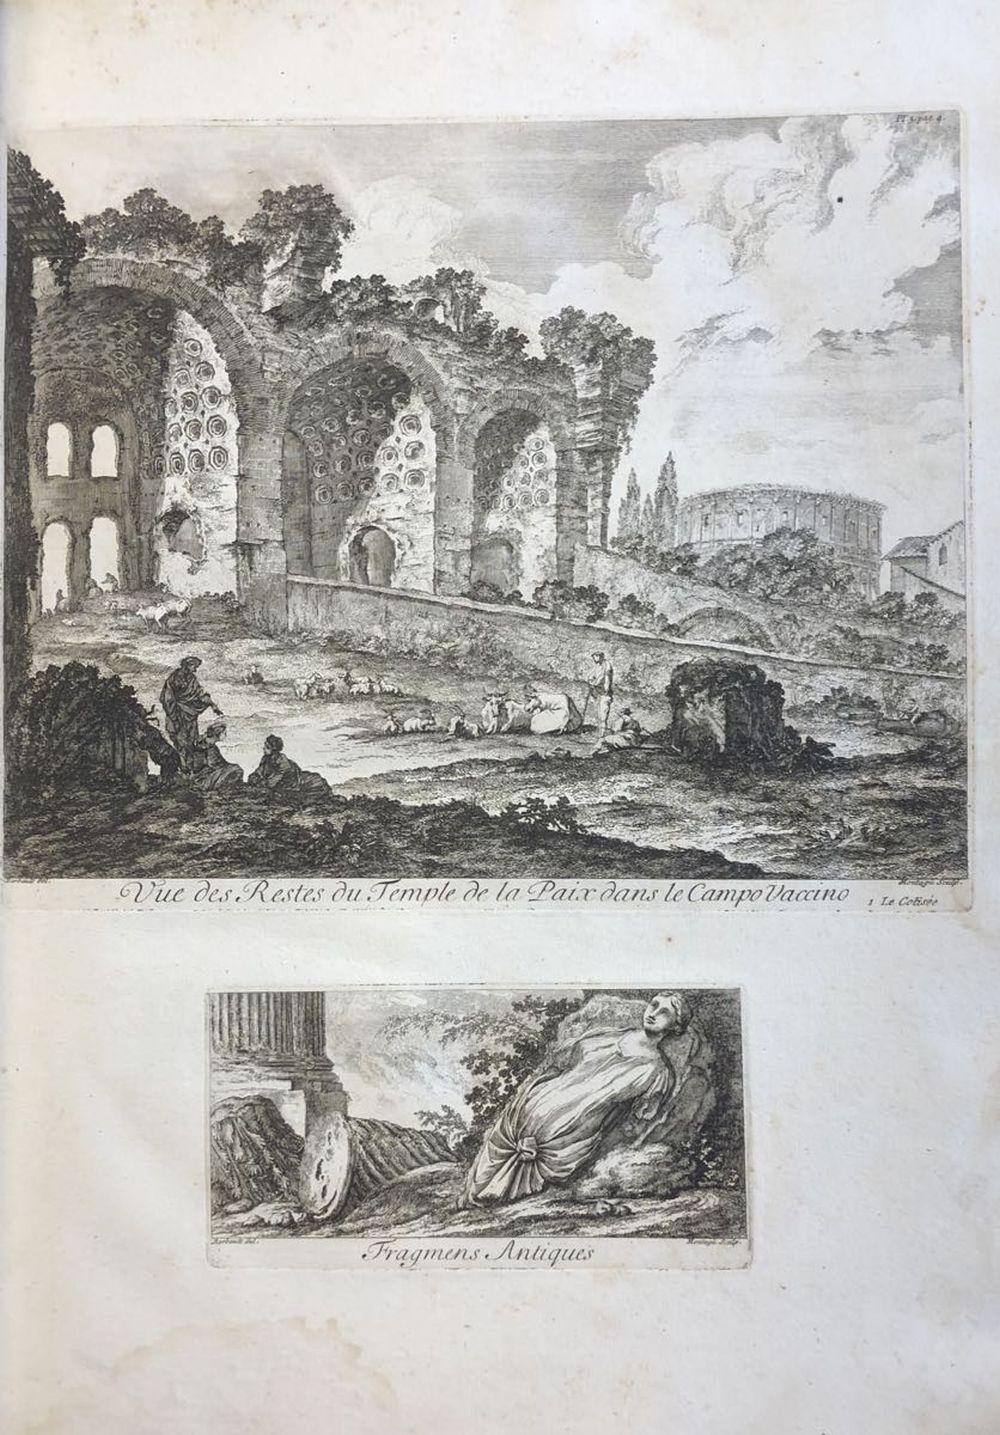 [ITALIE] Jean BARBAULT - Les plus beaux Monuments de Ro